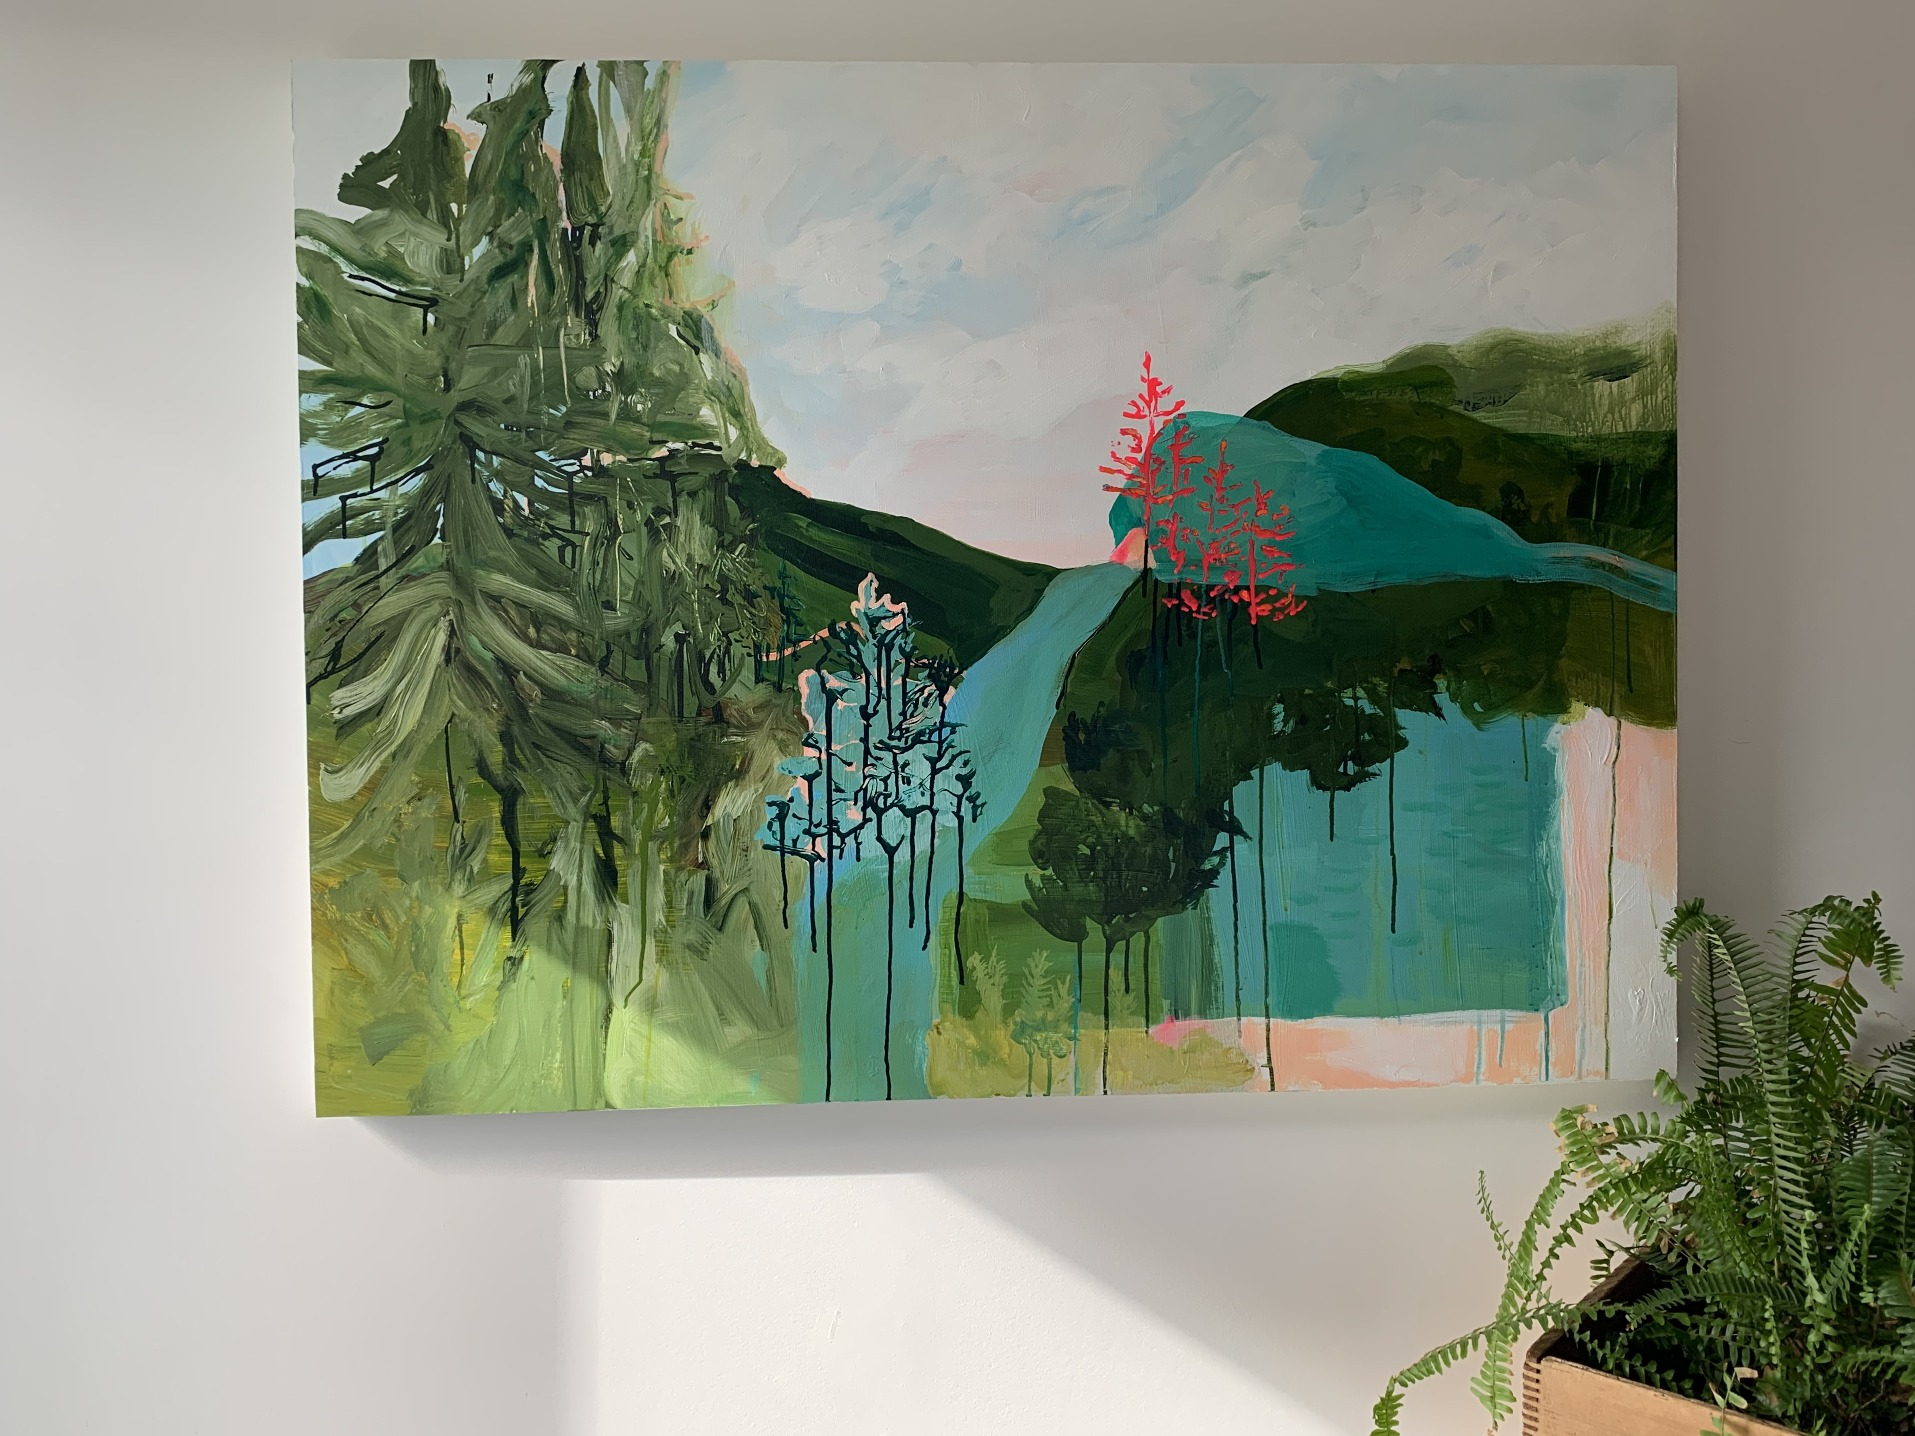 Peinture colorée représentant un paysage